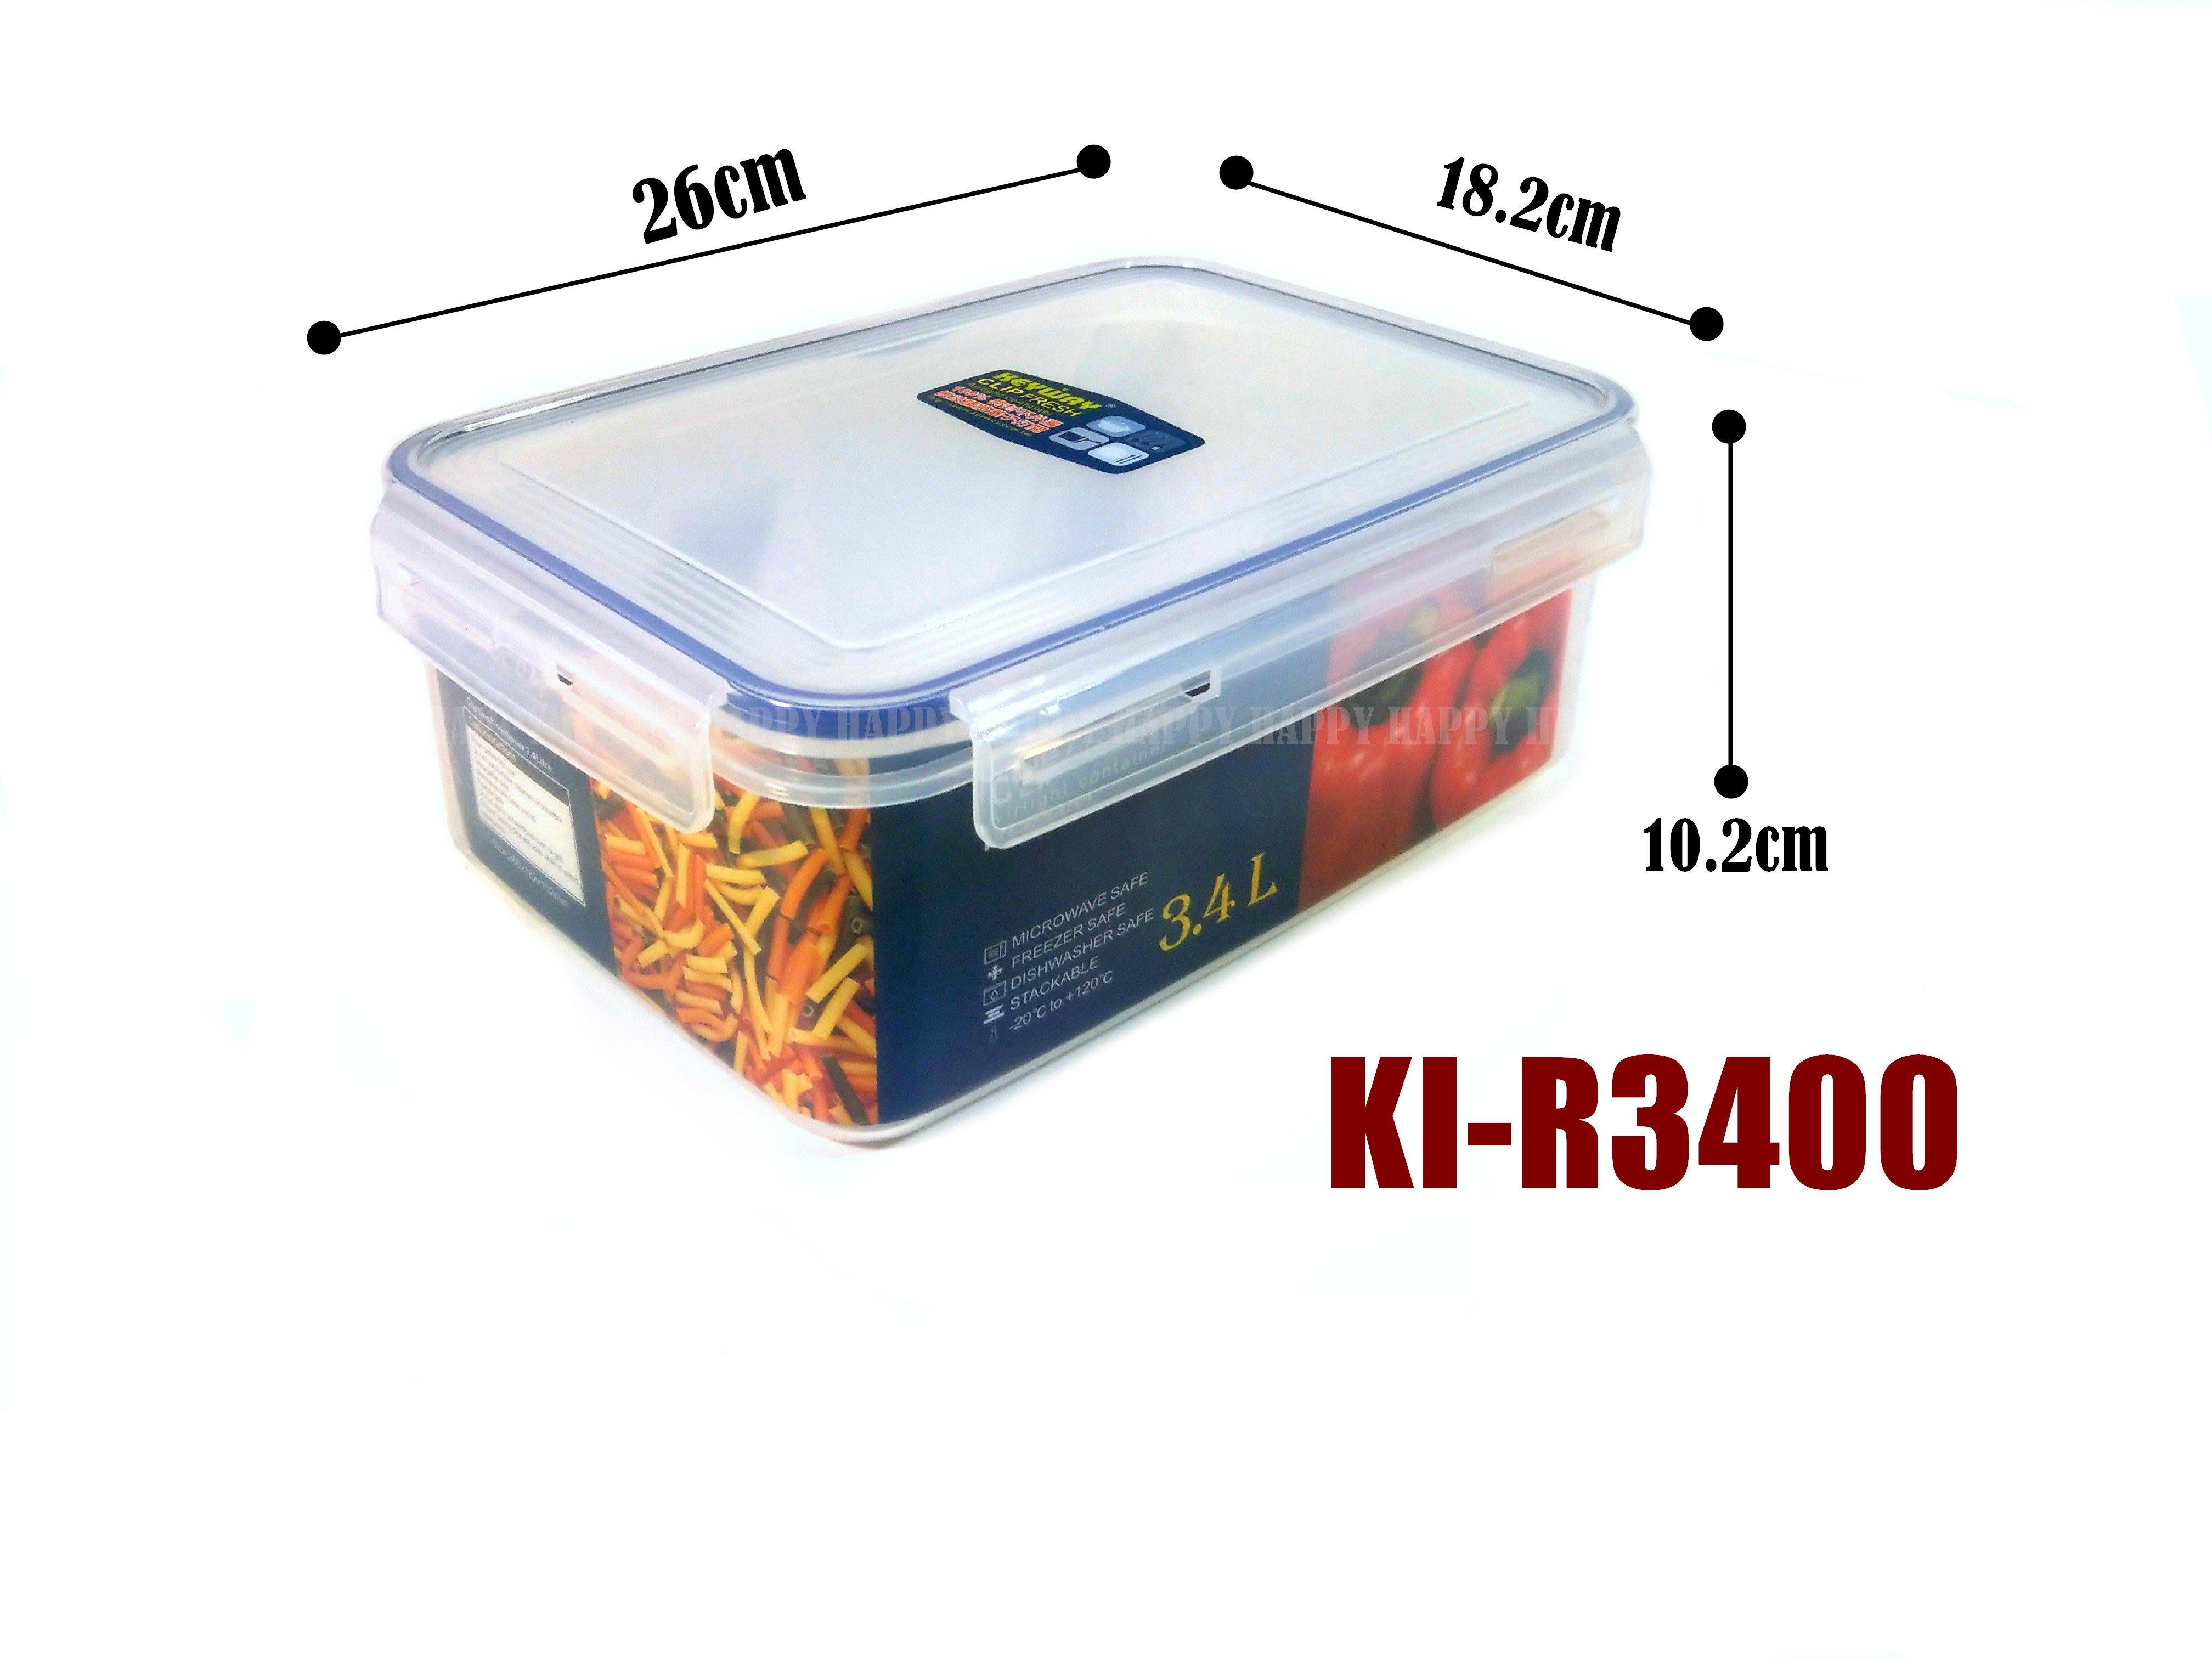 [歡樂廚房] KEYWEY 聯府 KI-R3400 天廚長型保鮮盒 密封盒 扣式 3.4L 台灣製